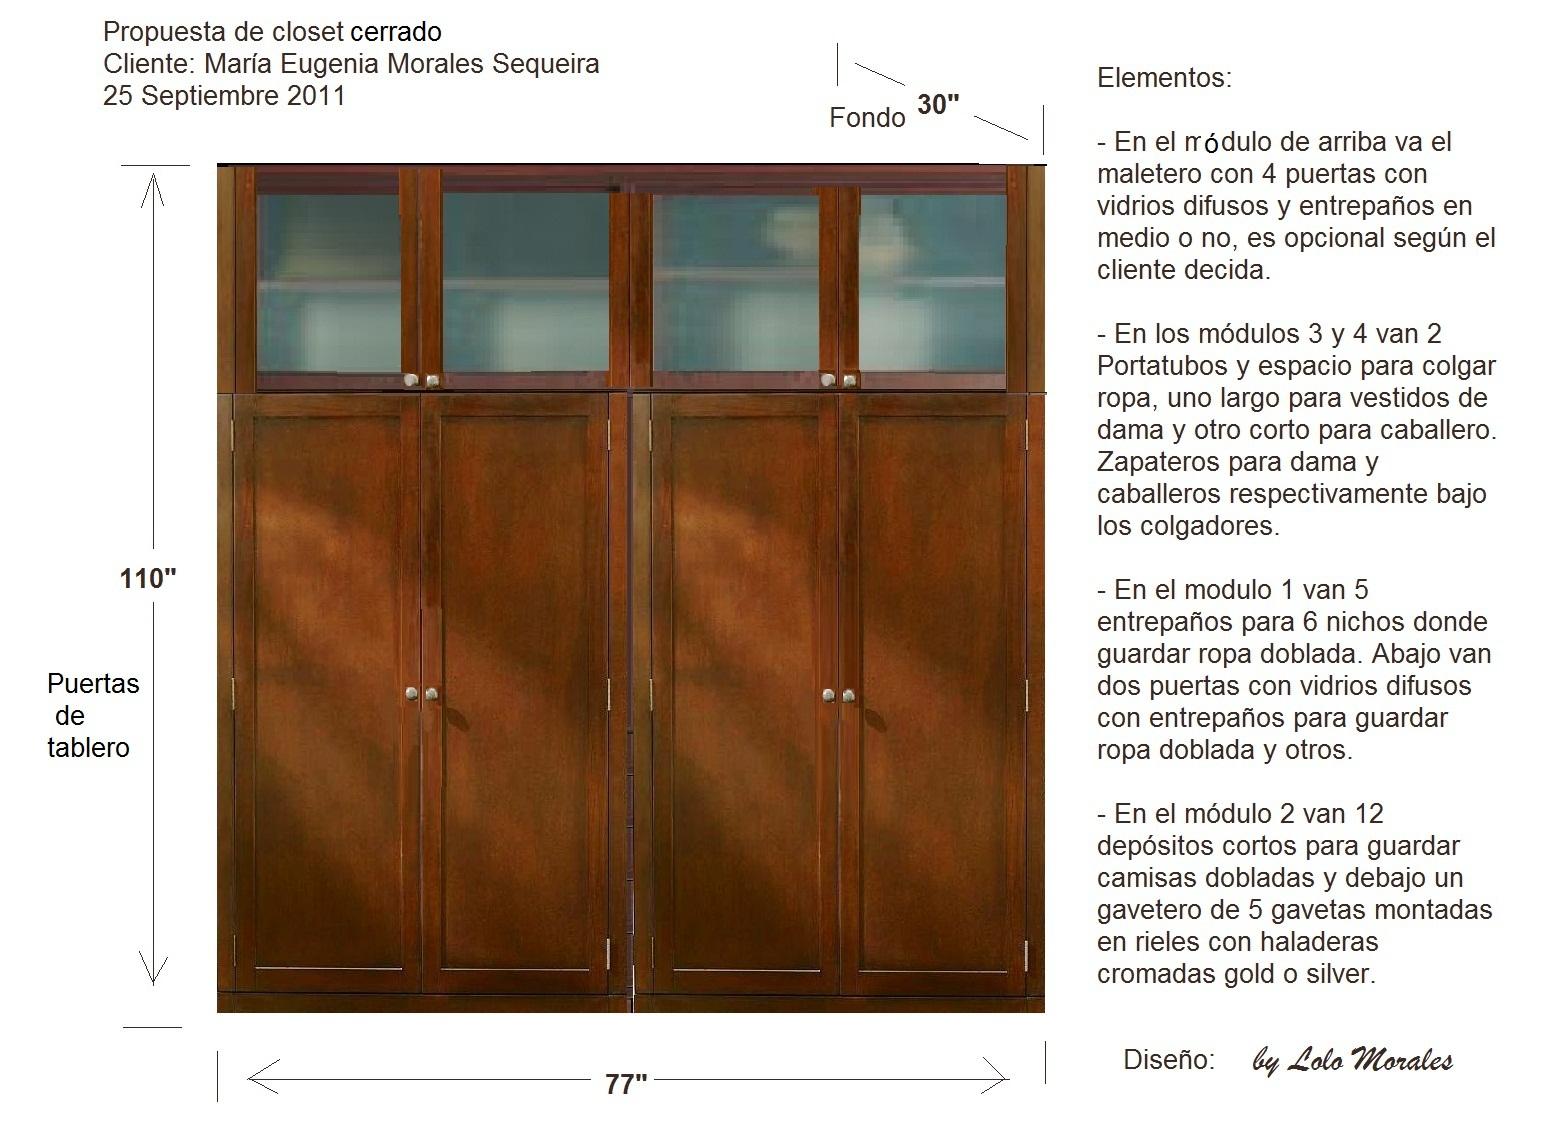 Propuesta De Master Closet Cerrado 250911 Muebles Lolo Morales  # Muebles Lolo Morales